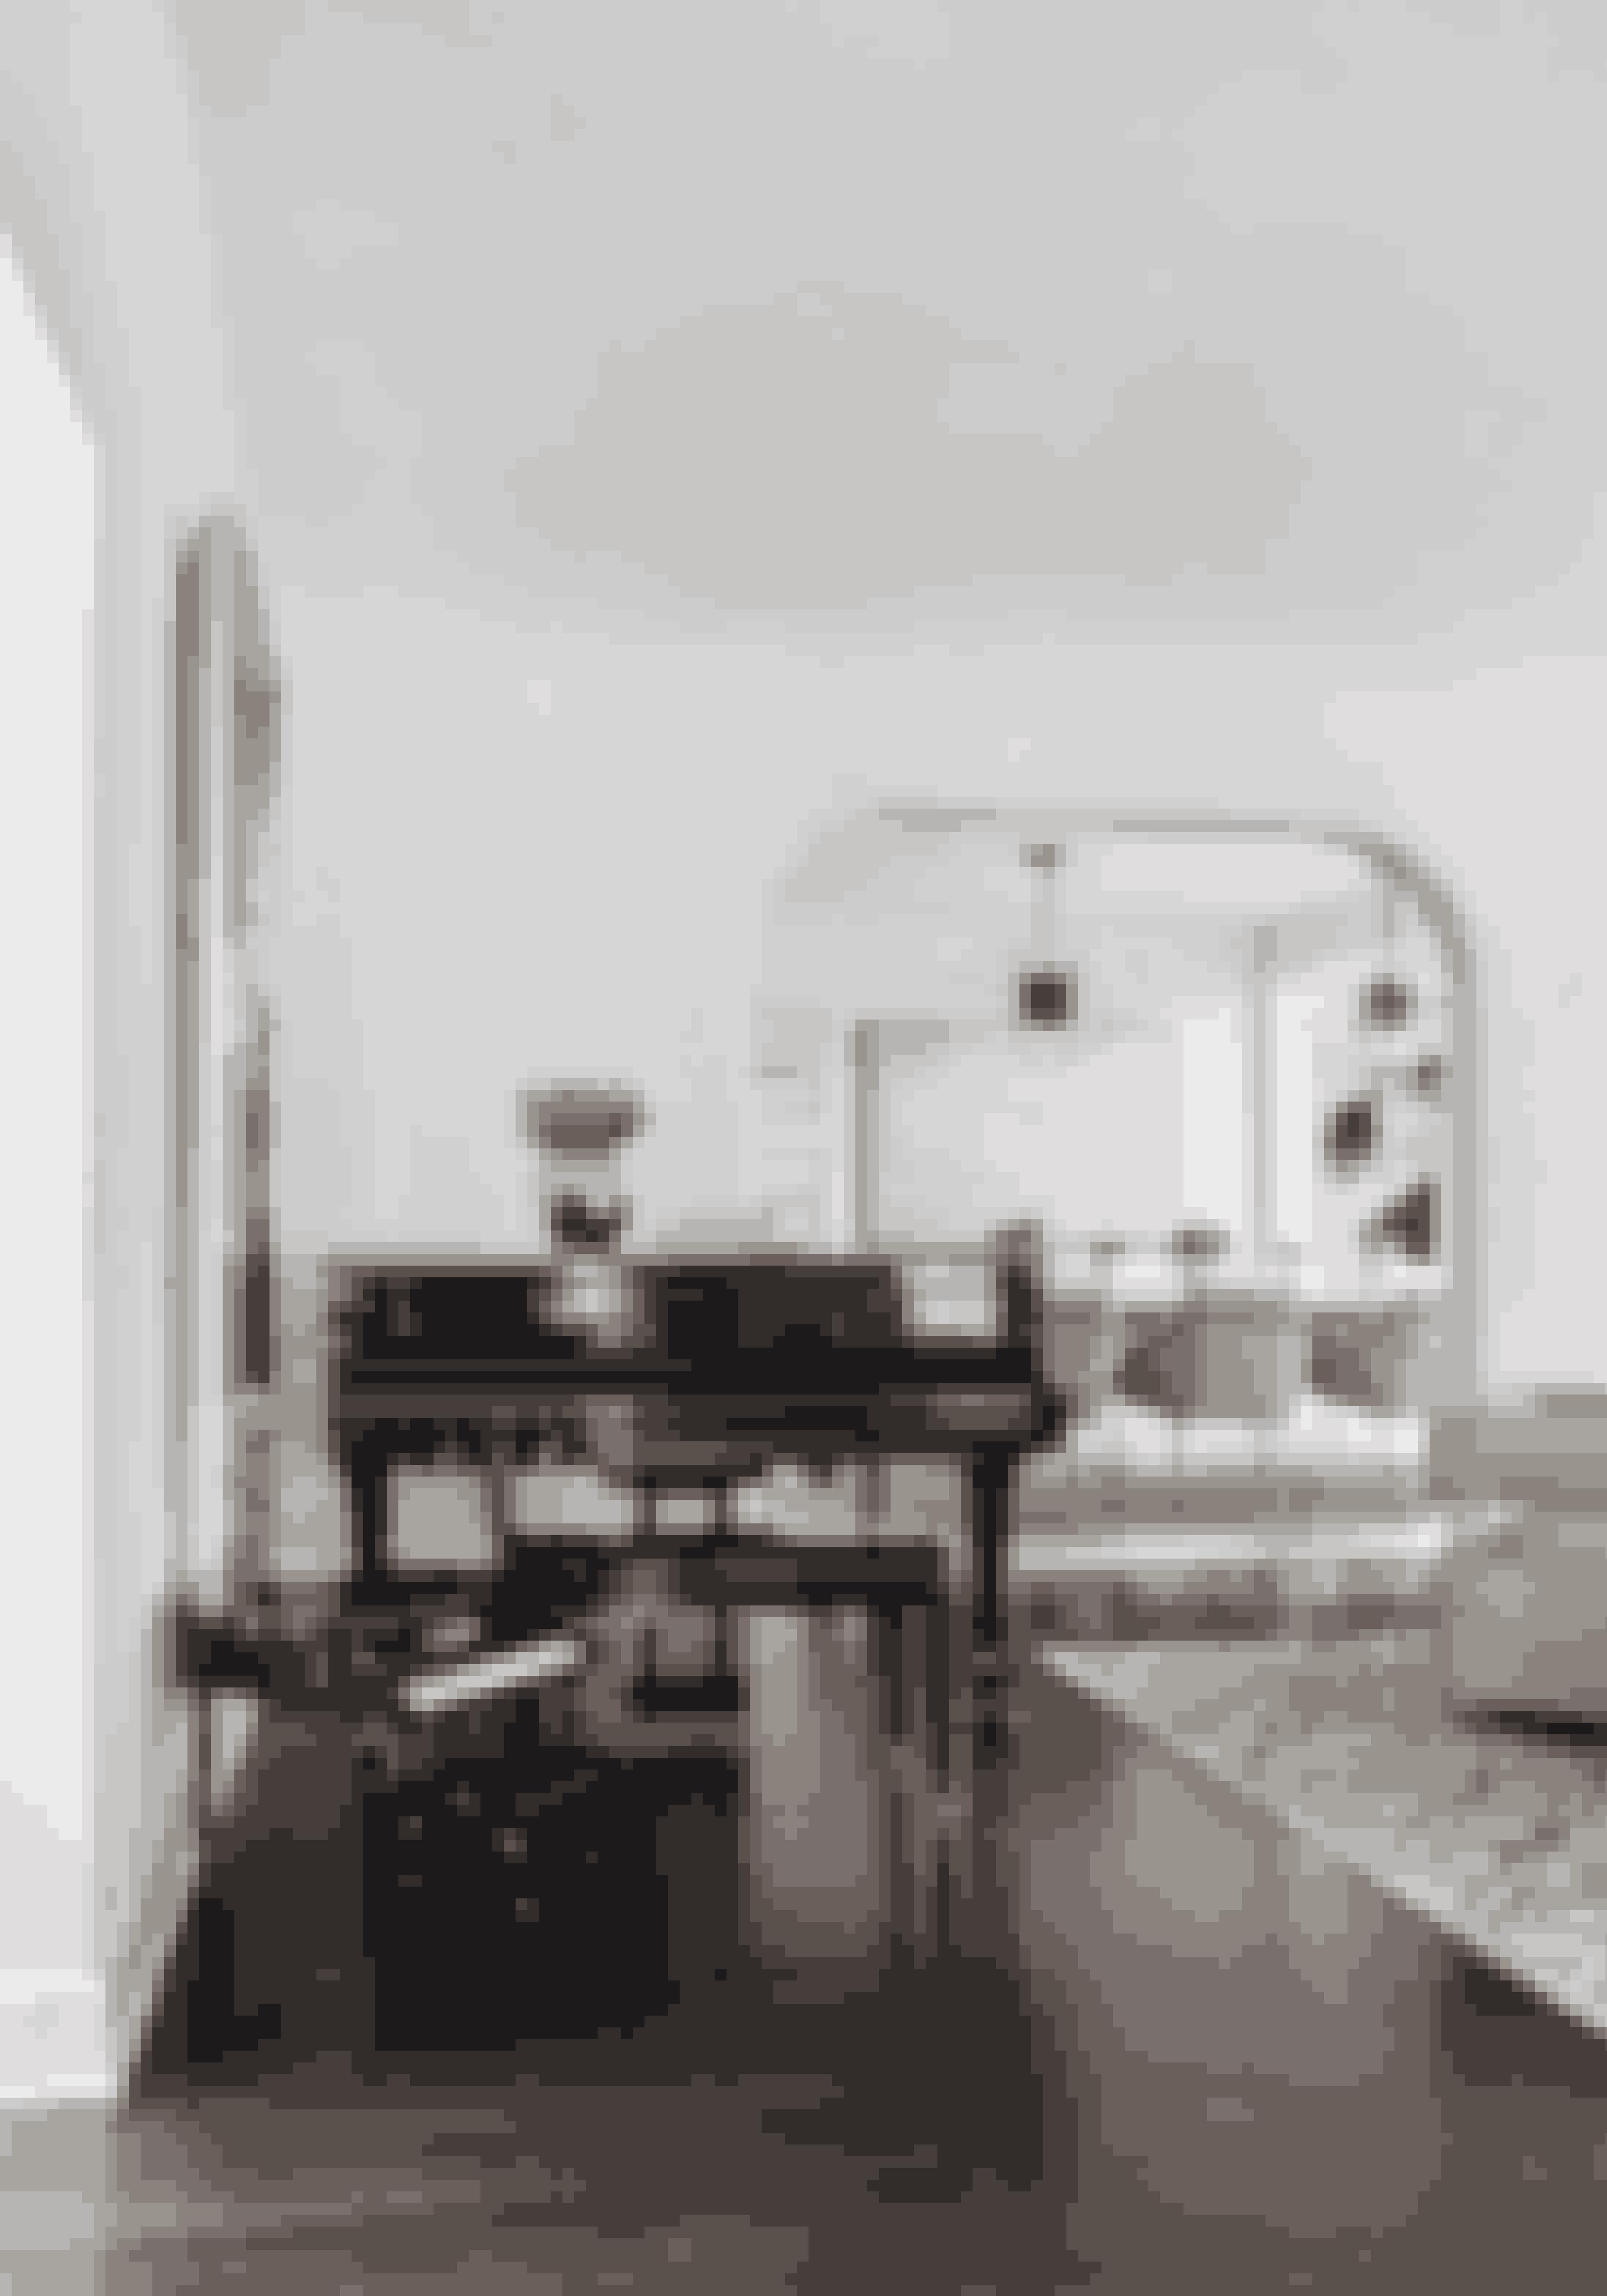 Et møbel kan næsten være kunst i sig selv. Giv store møbler plads og luft, så de kan komme til sin ret.